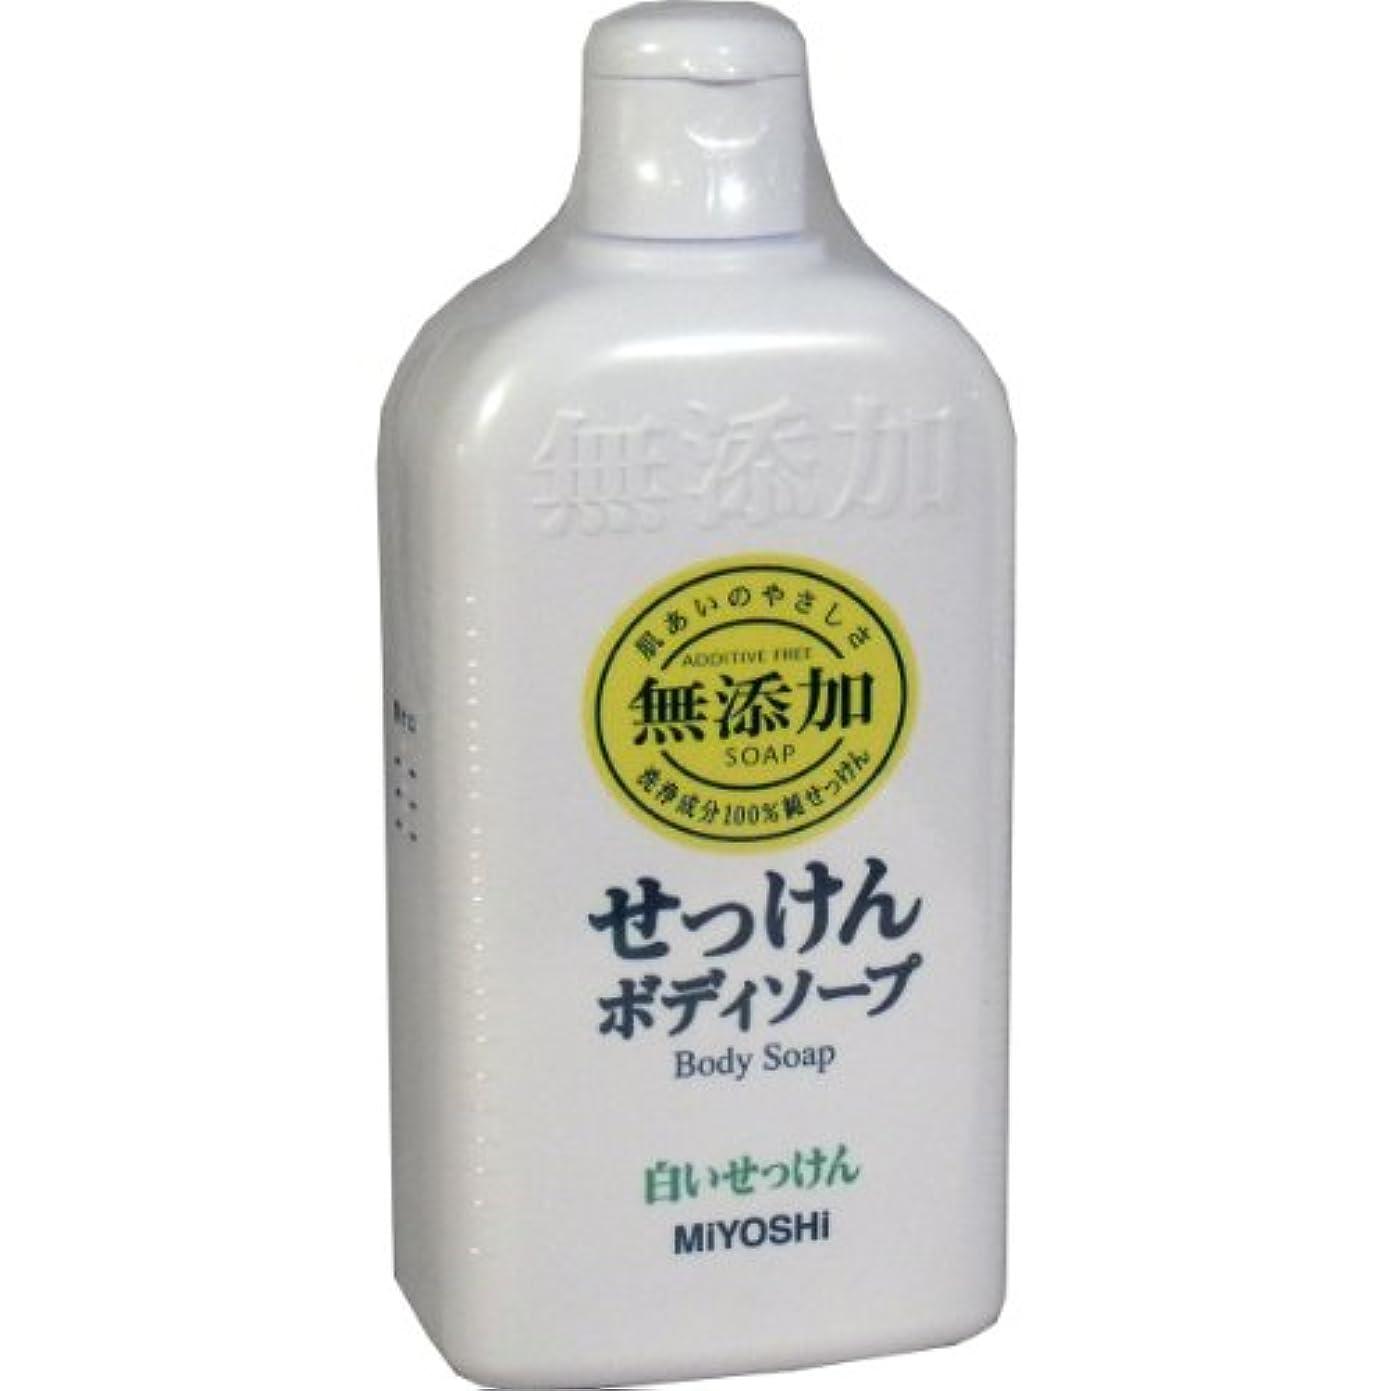 トレードペレット肯定的無添加 ボディソープ 白い石けん レギュラー 400ml(無添加石鹸) 7セット